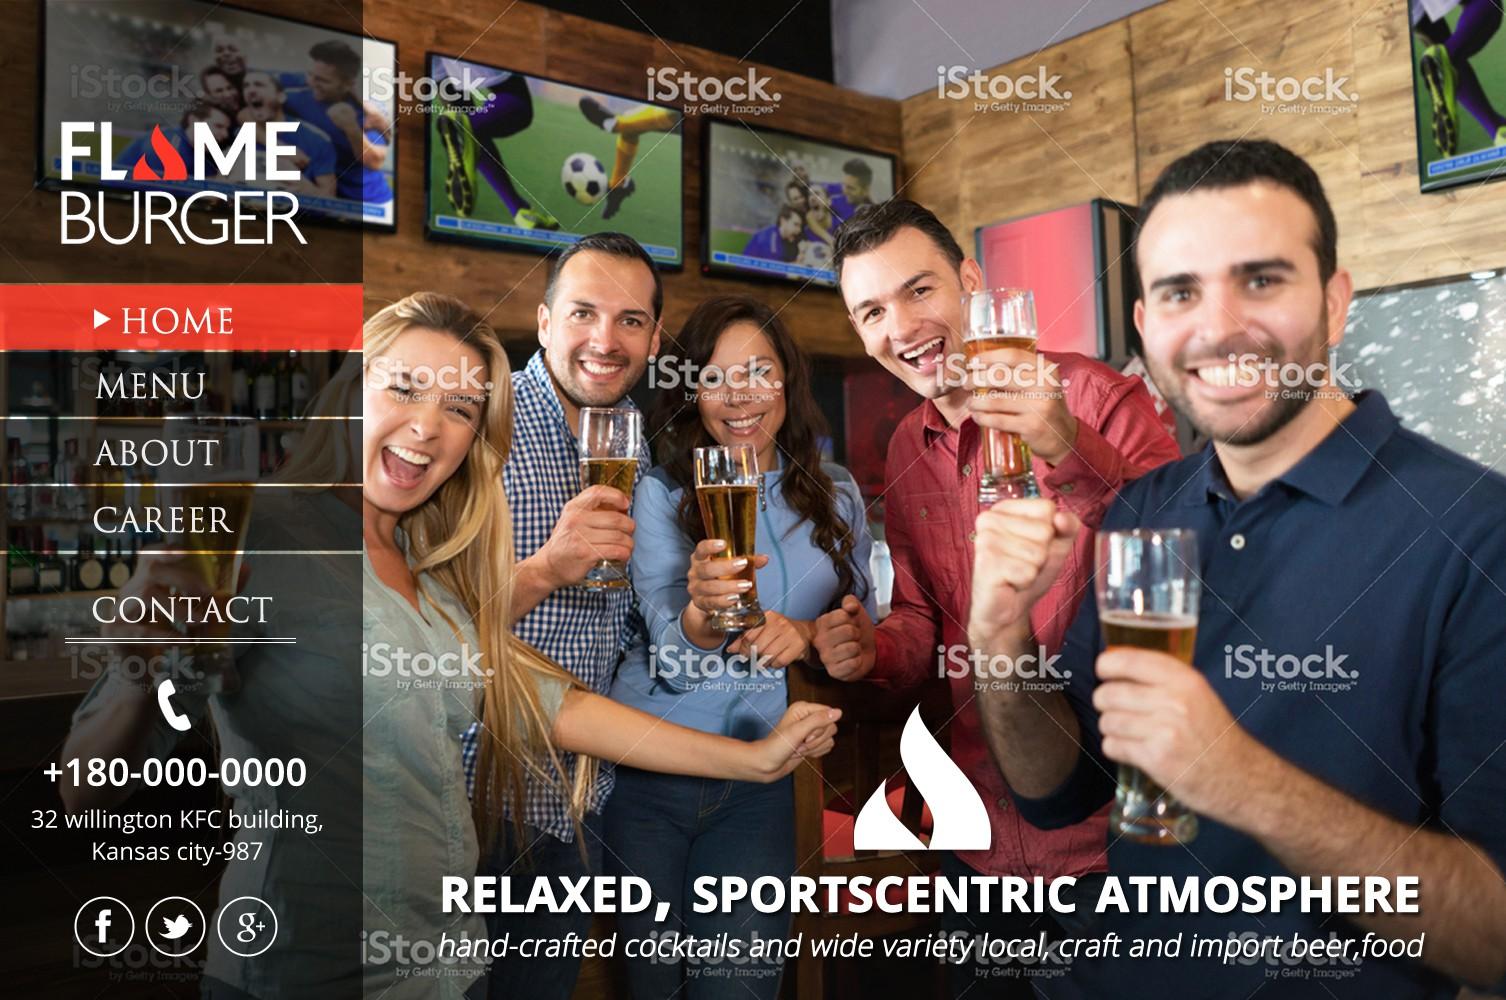 Website design for burger/sports bar